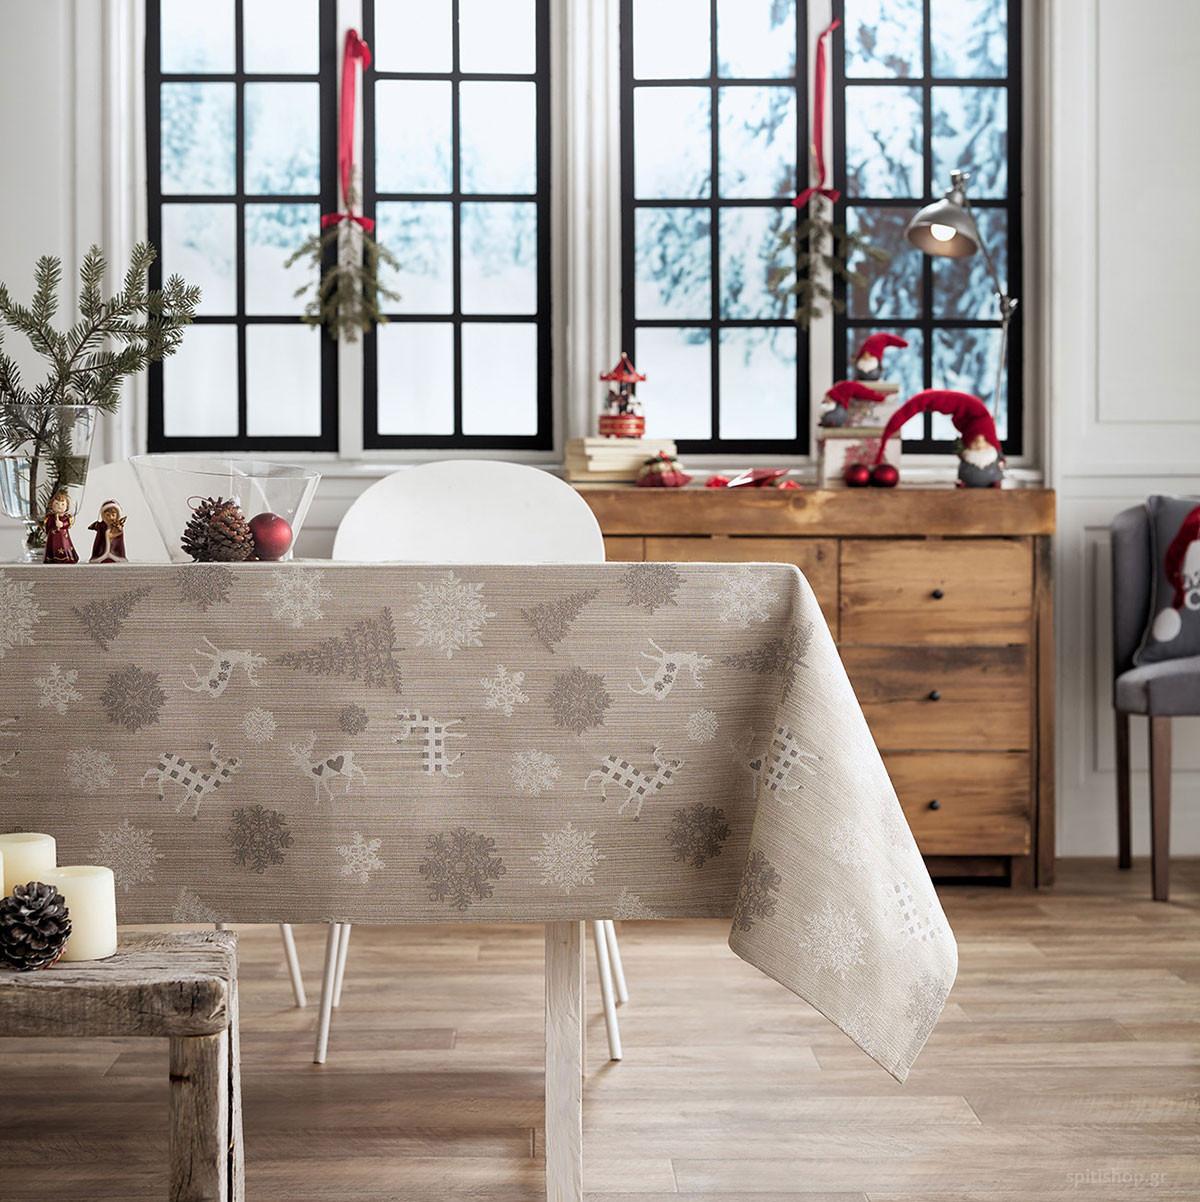 Χριστουγεννιάτικο Τραπεζομάντηλο (135×135) Gofis Home 285/04